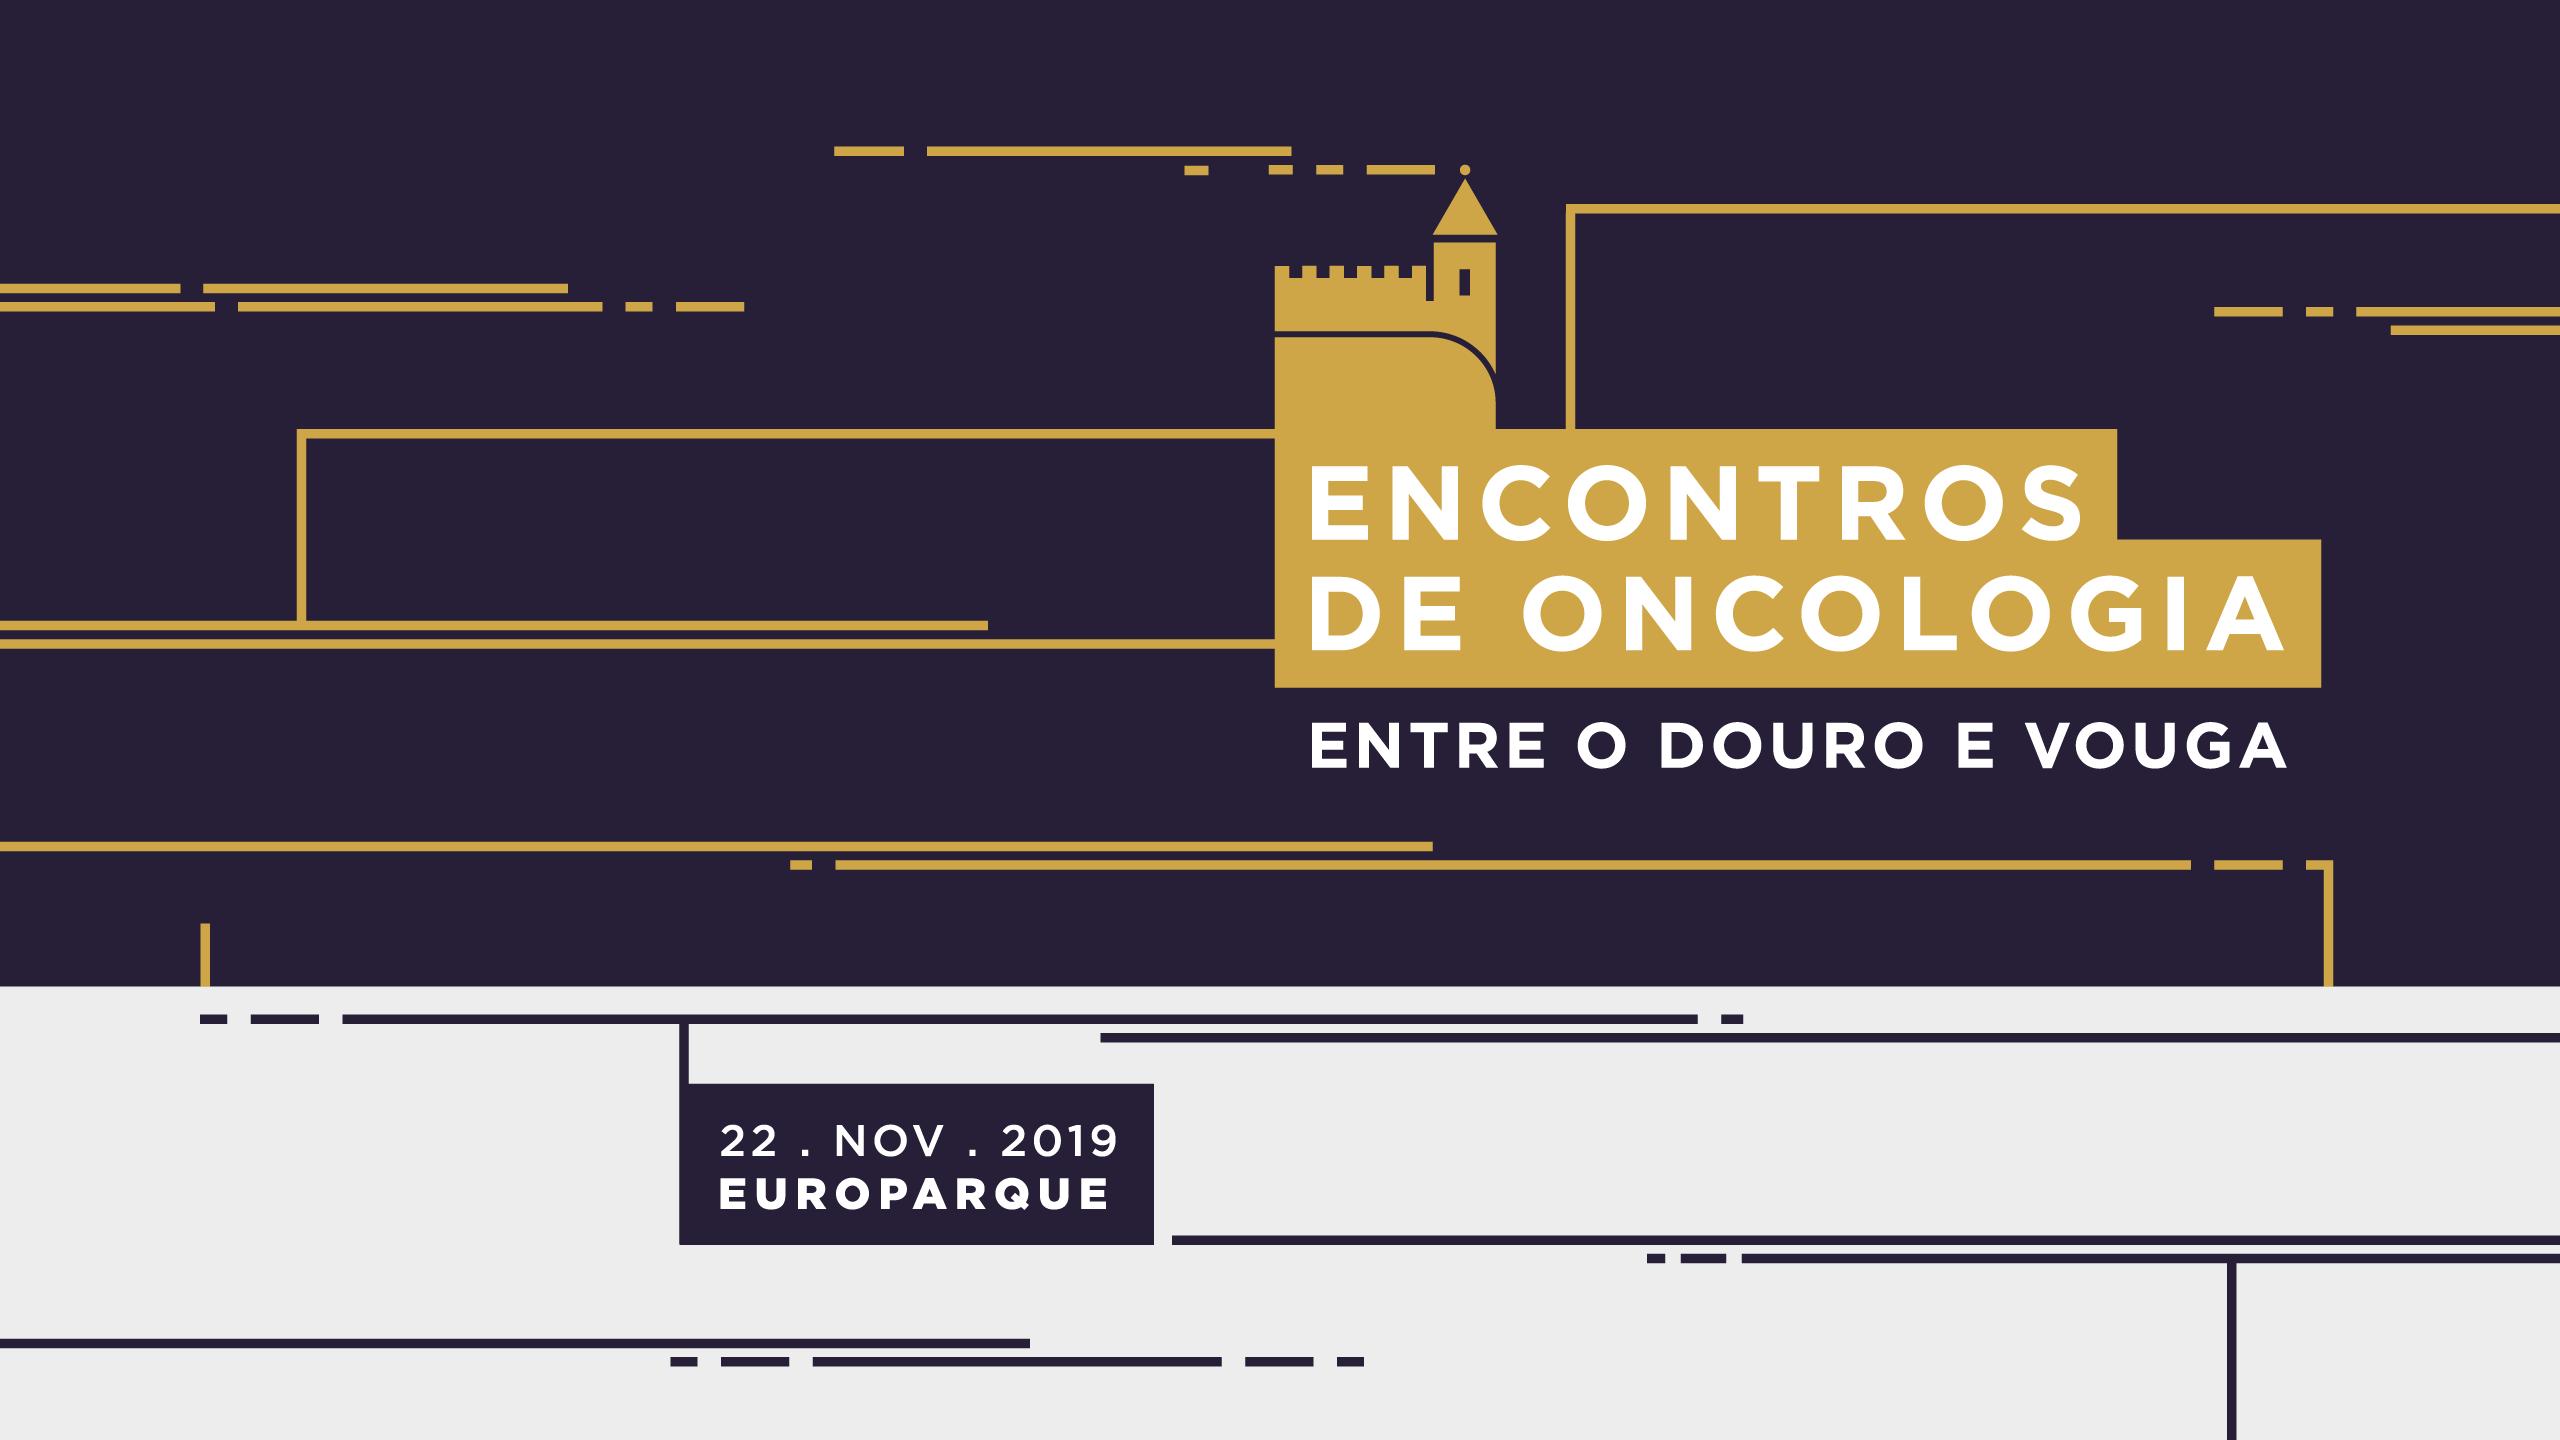 Encontros de Oncologia Entre o Douro e Vouga